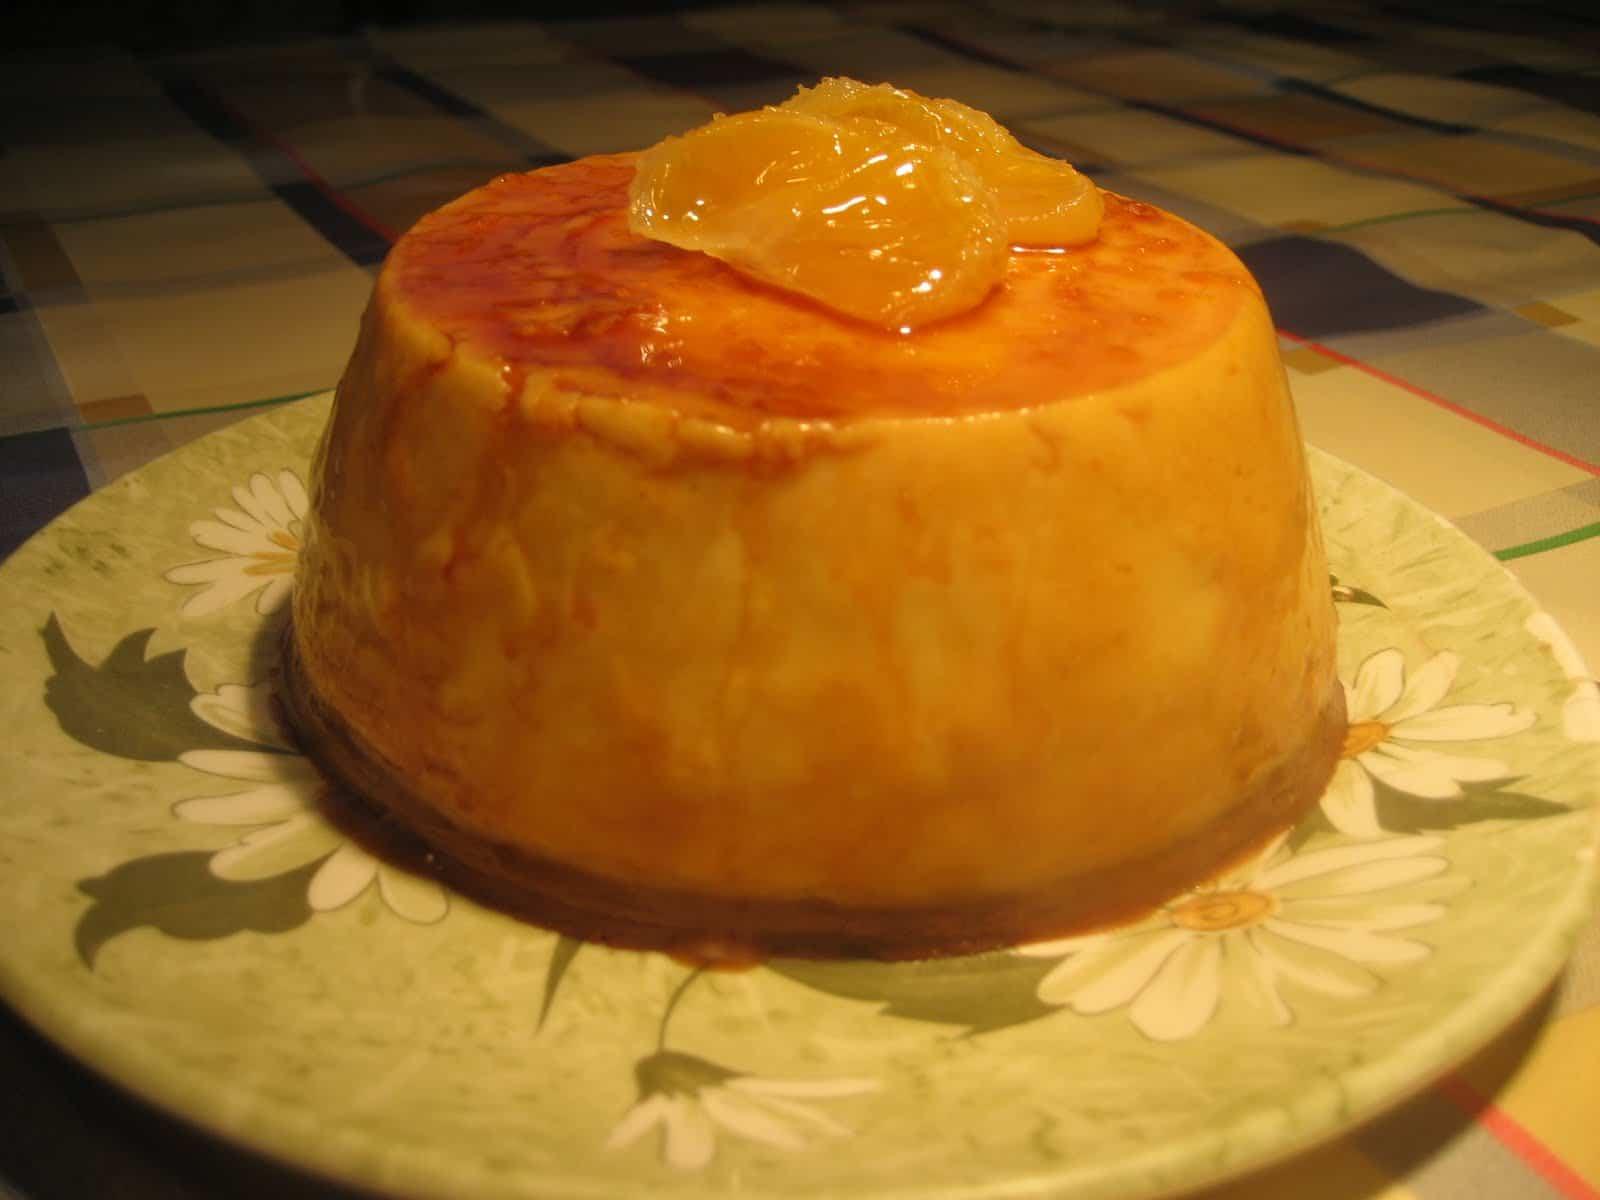 Receta de flan de queso y naranja